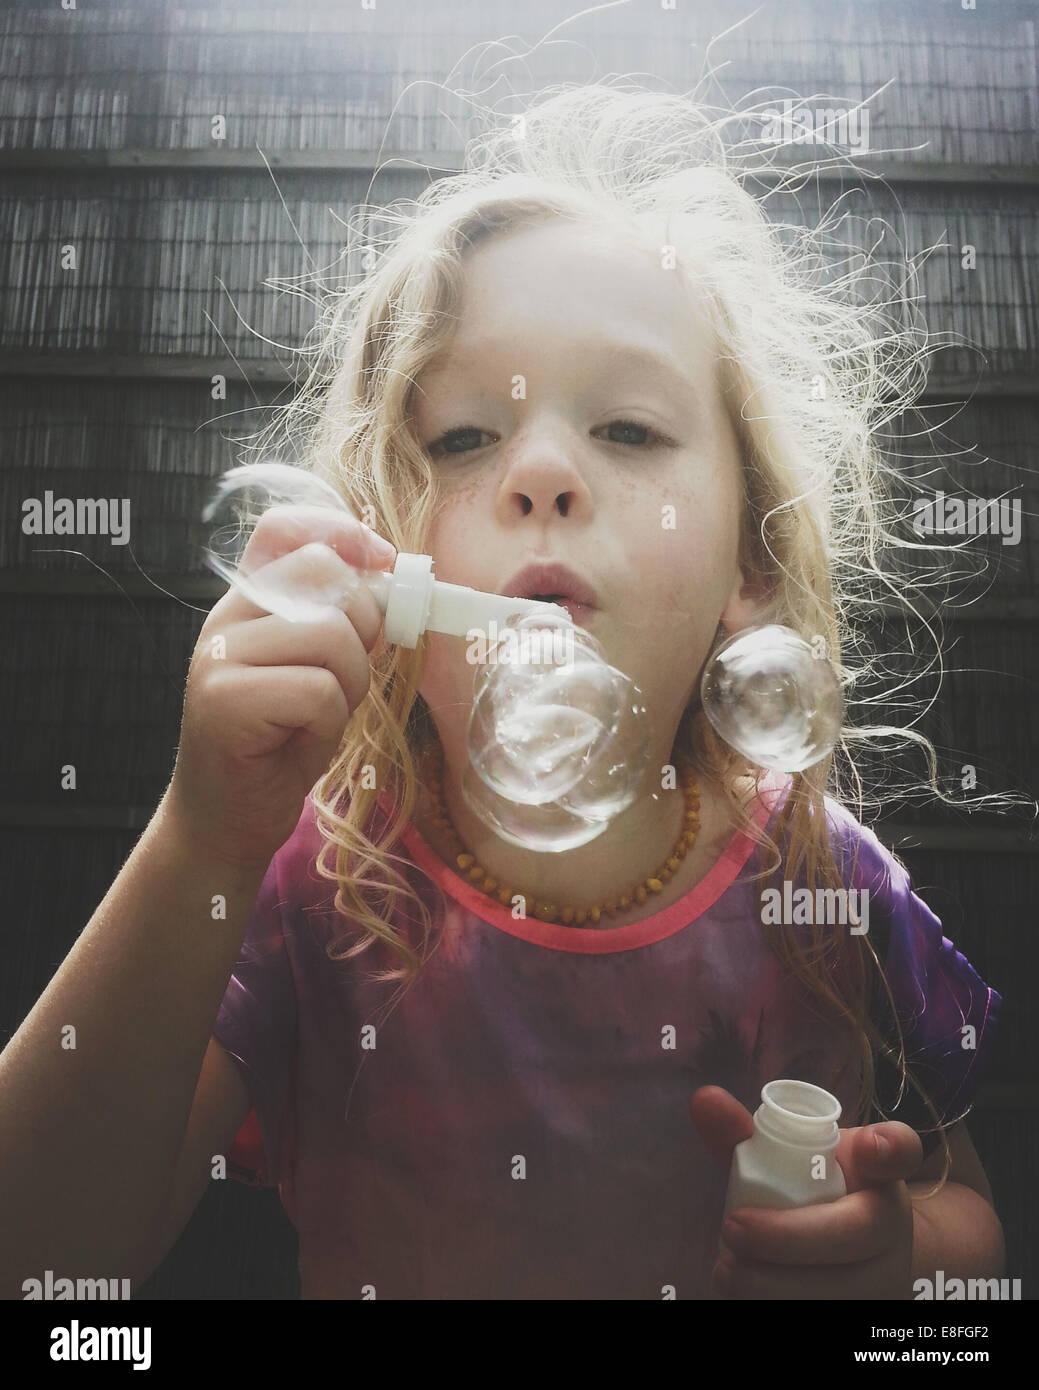 Ritratto di una ragazza soffia bolle di sapone Foto Stock